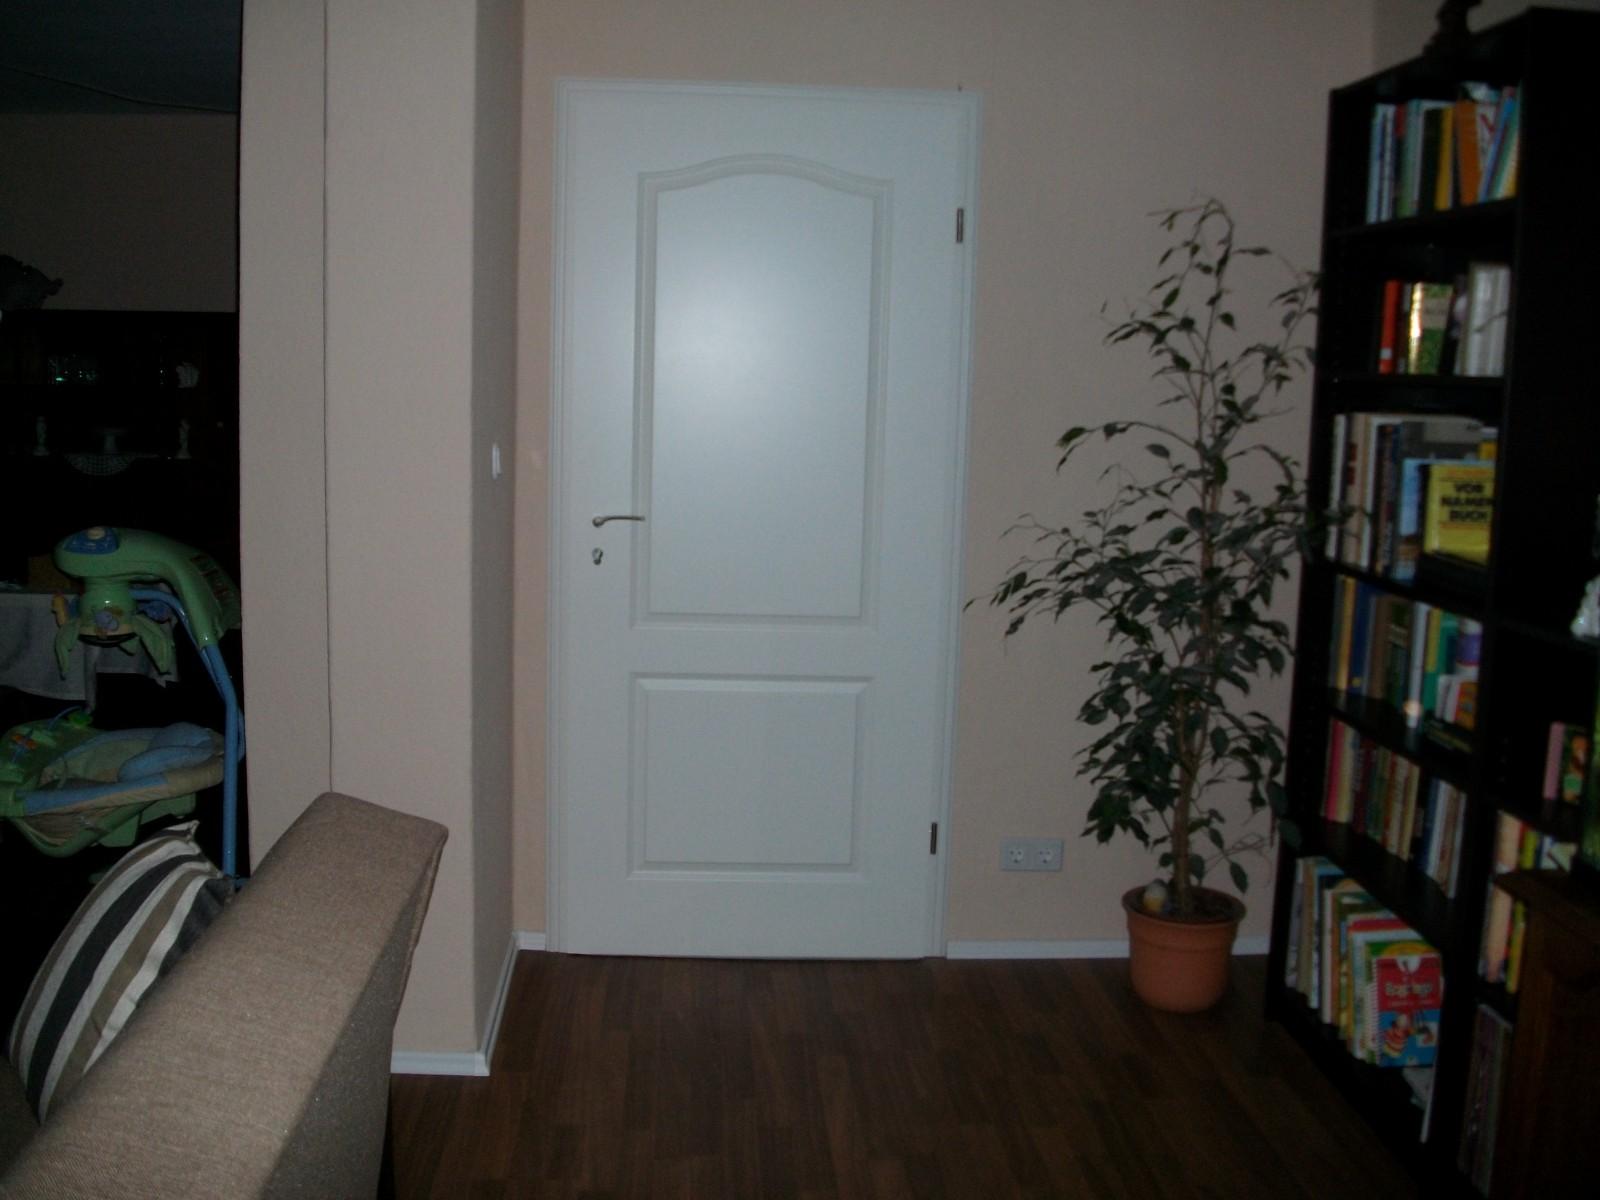 Wohnzimmer \'Wohnzimmer\' - Mein Domizil - Zimmerschau